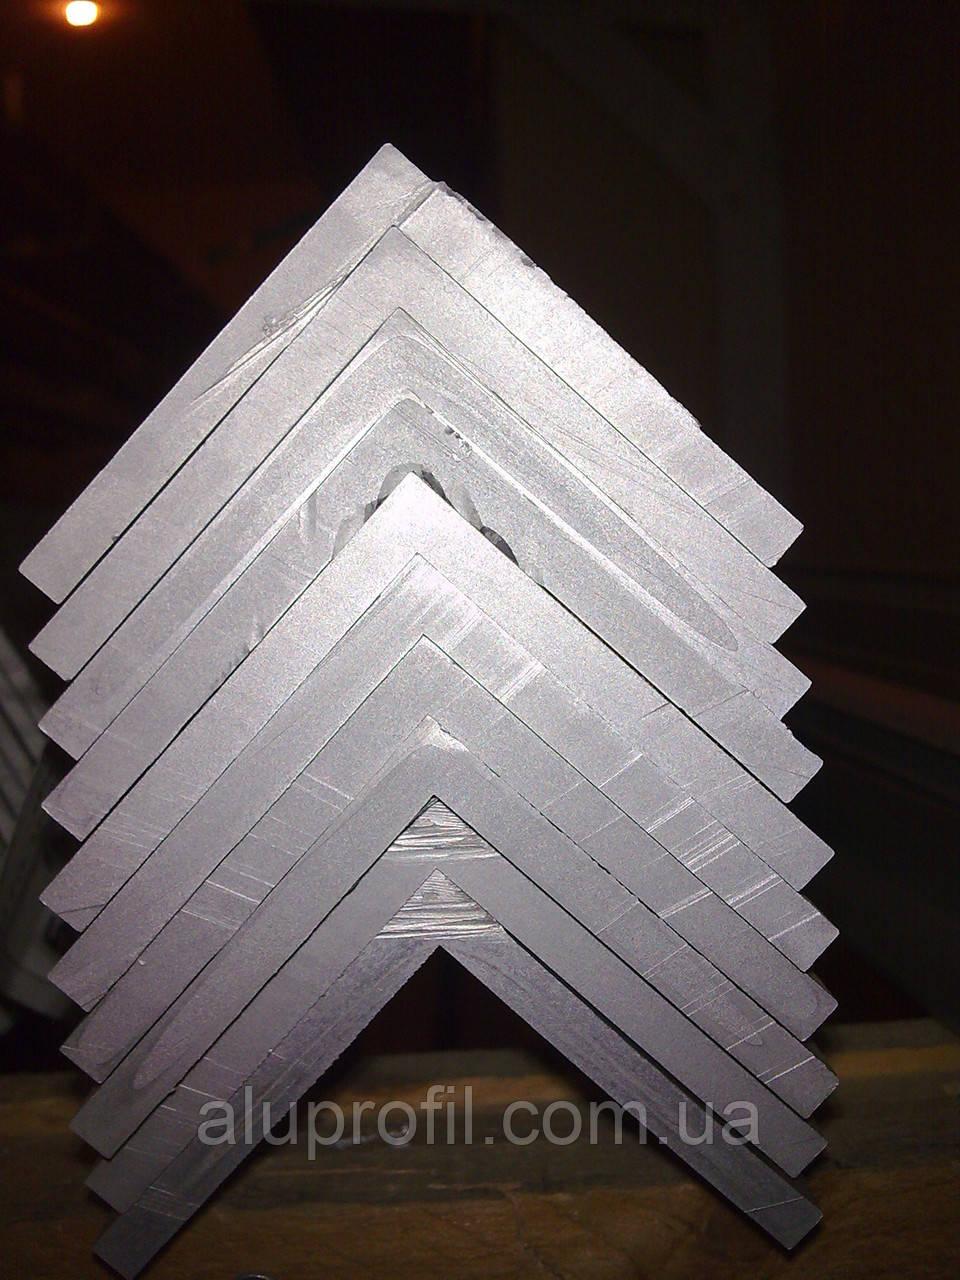 Алюминиевый профиль — уголок алюминиевый 45х45х2 Б/П